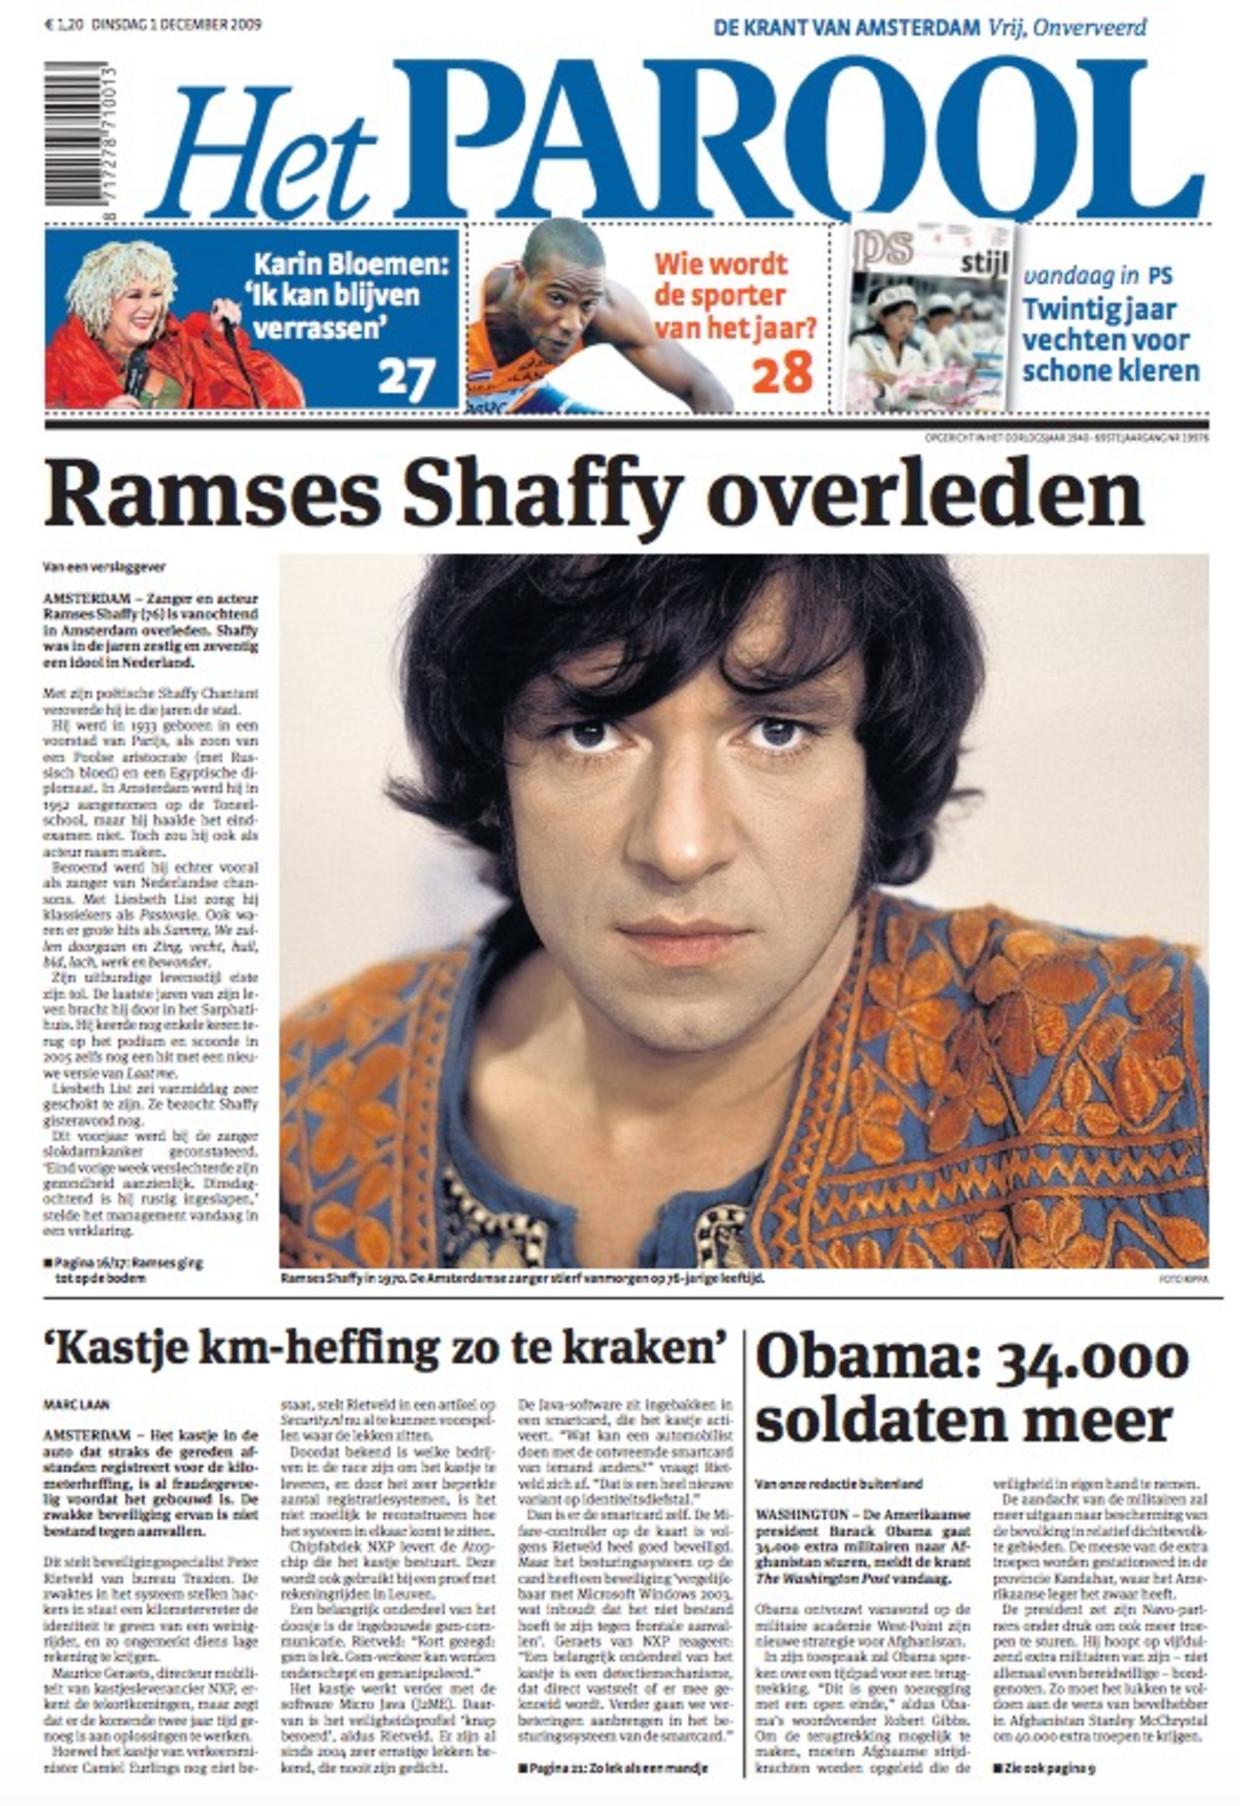 De cover van Het Parool op 1 december 2009. Beeld Het Parool